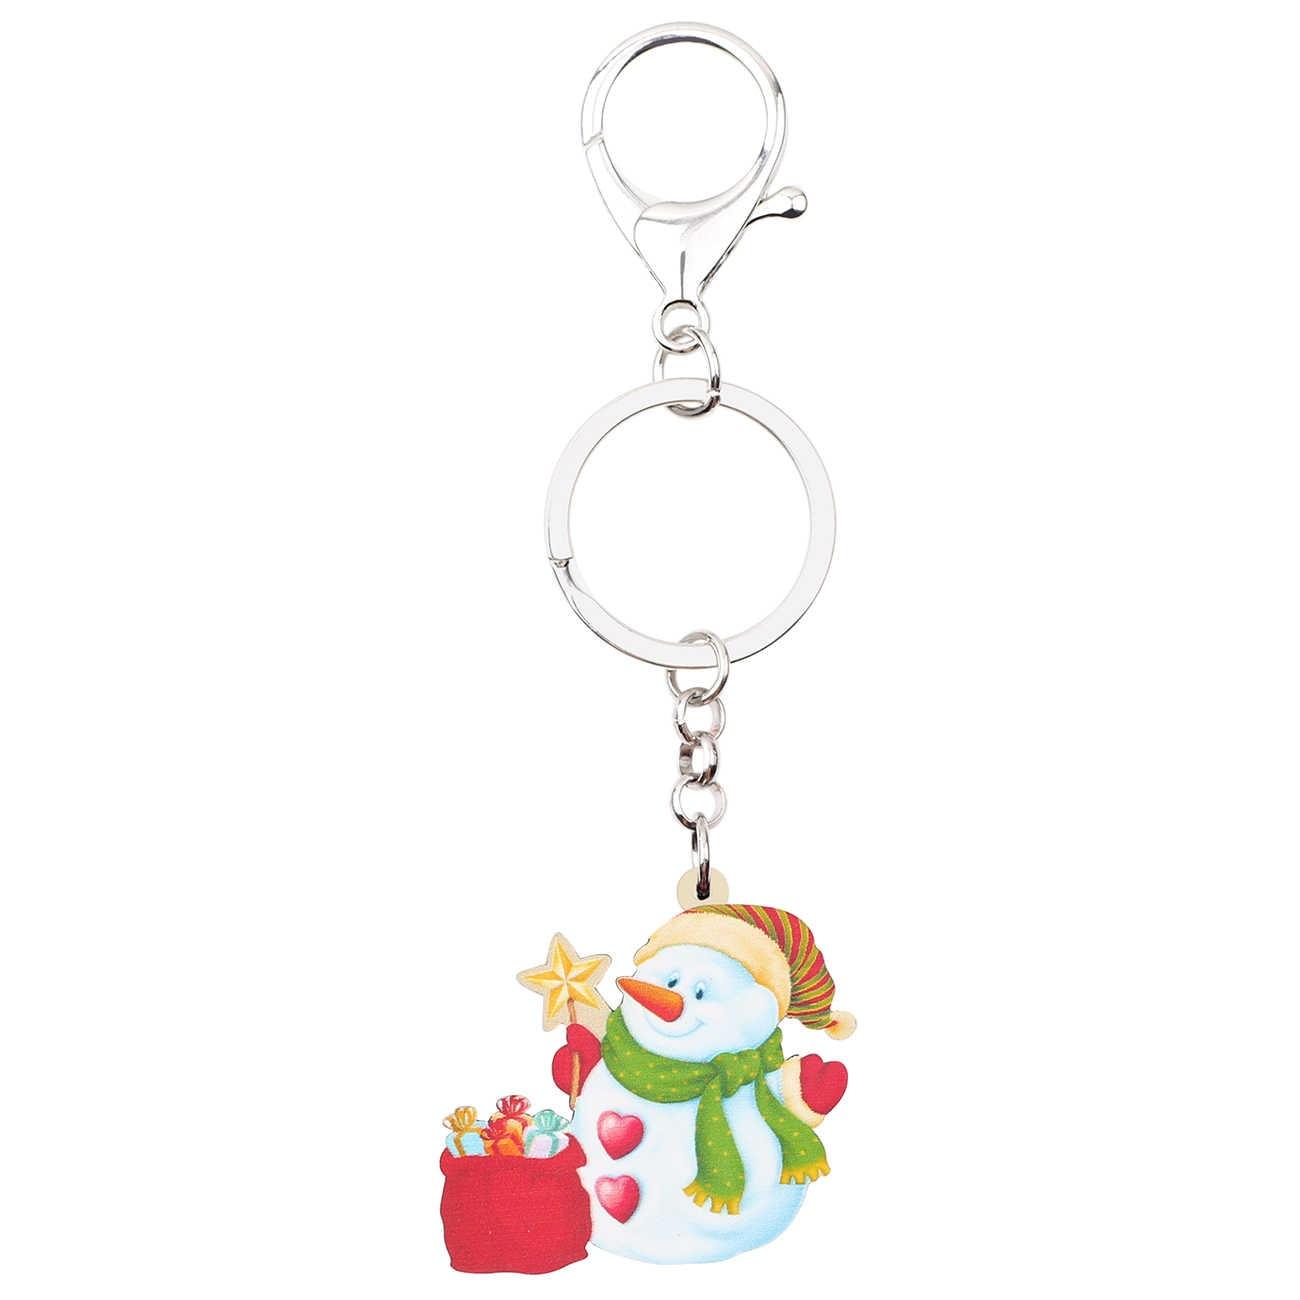 WEVENI Acrílico Verde Cachecol do Boneco de neve de Natal Saco Do Presente Chaveiro Keychain Presente Encantos Carro Carteira Chave Dos Desenhos Animados Anéis Para Lady menina